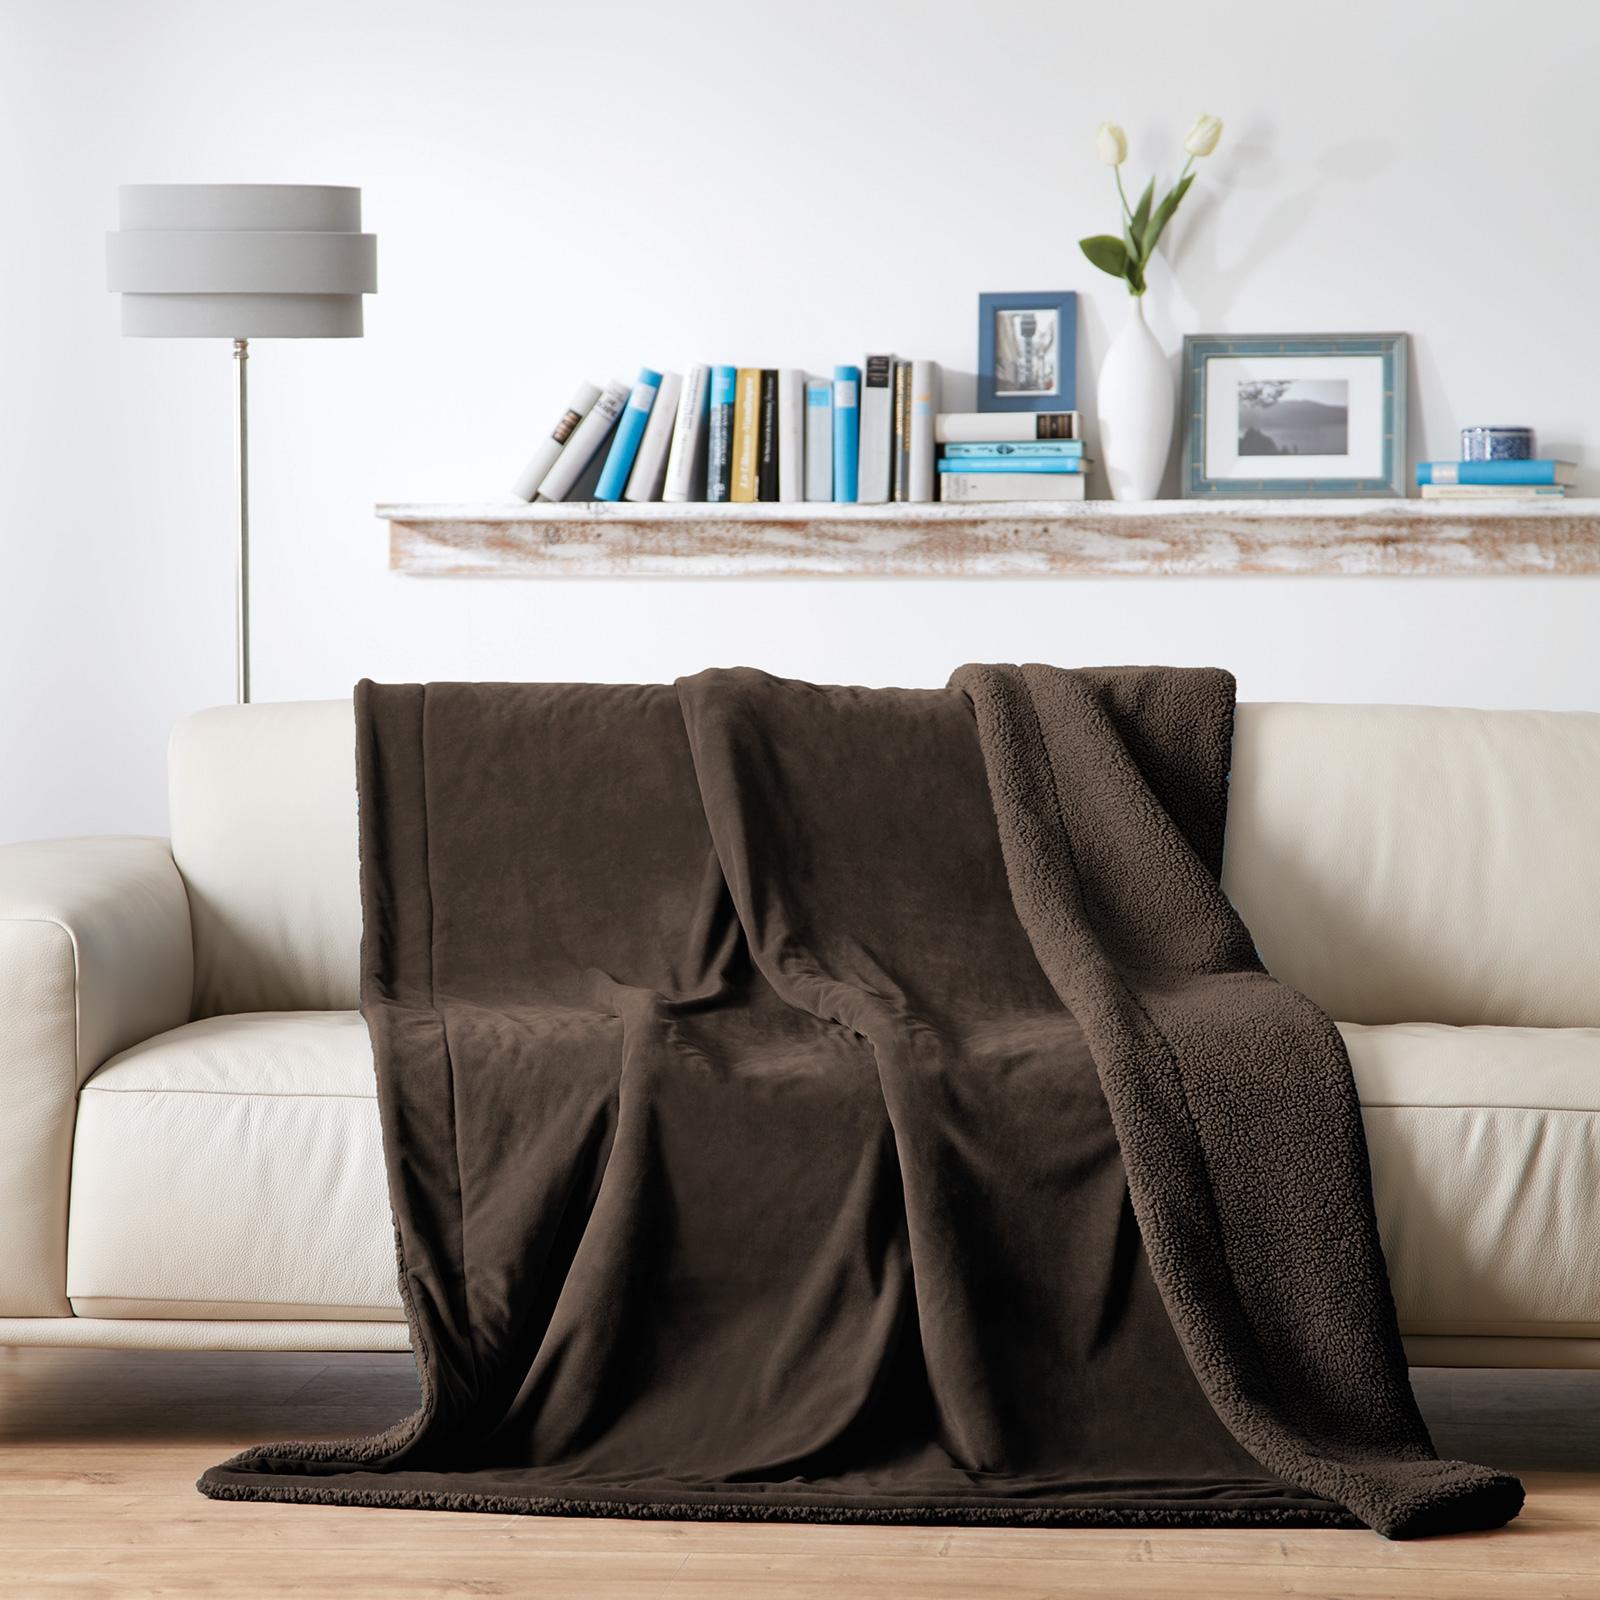 Wohndecken und Kissen - Gözze Luxus Wohndecke Samt Velours, Rückseite mit kuscheliger Schaffell Optik 150x200 dunkelbraun  - Onlineshop PremiumShop321